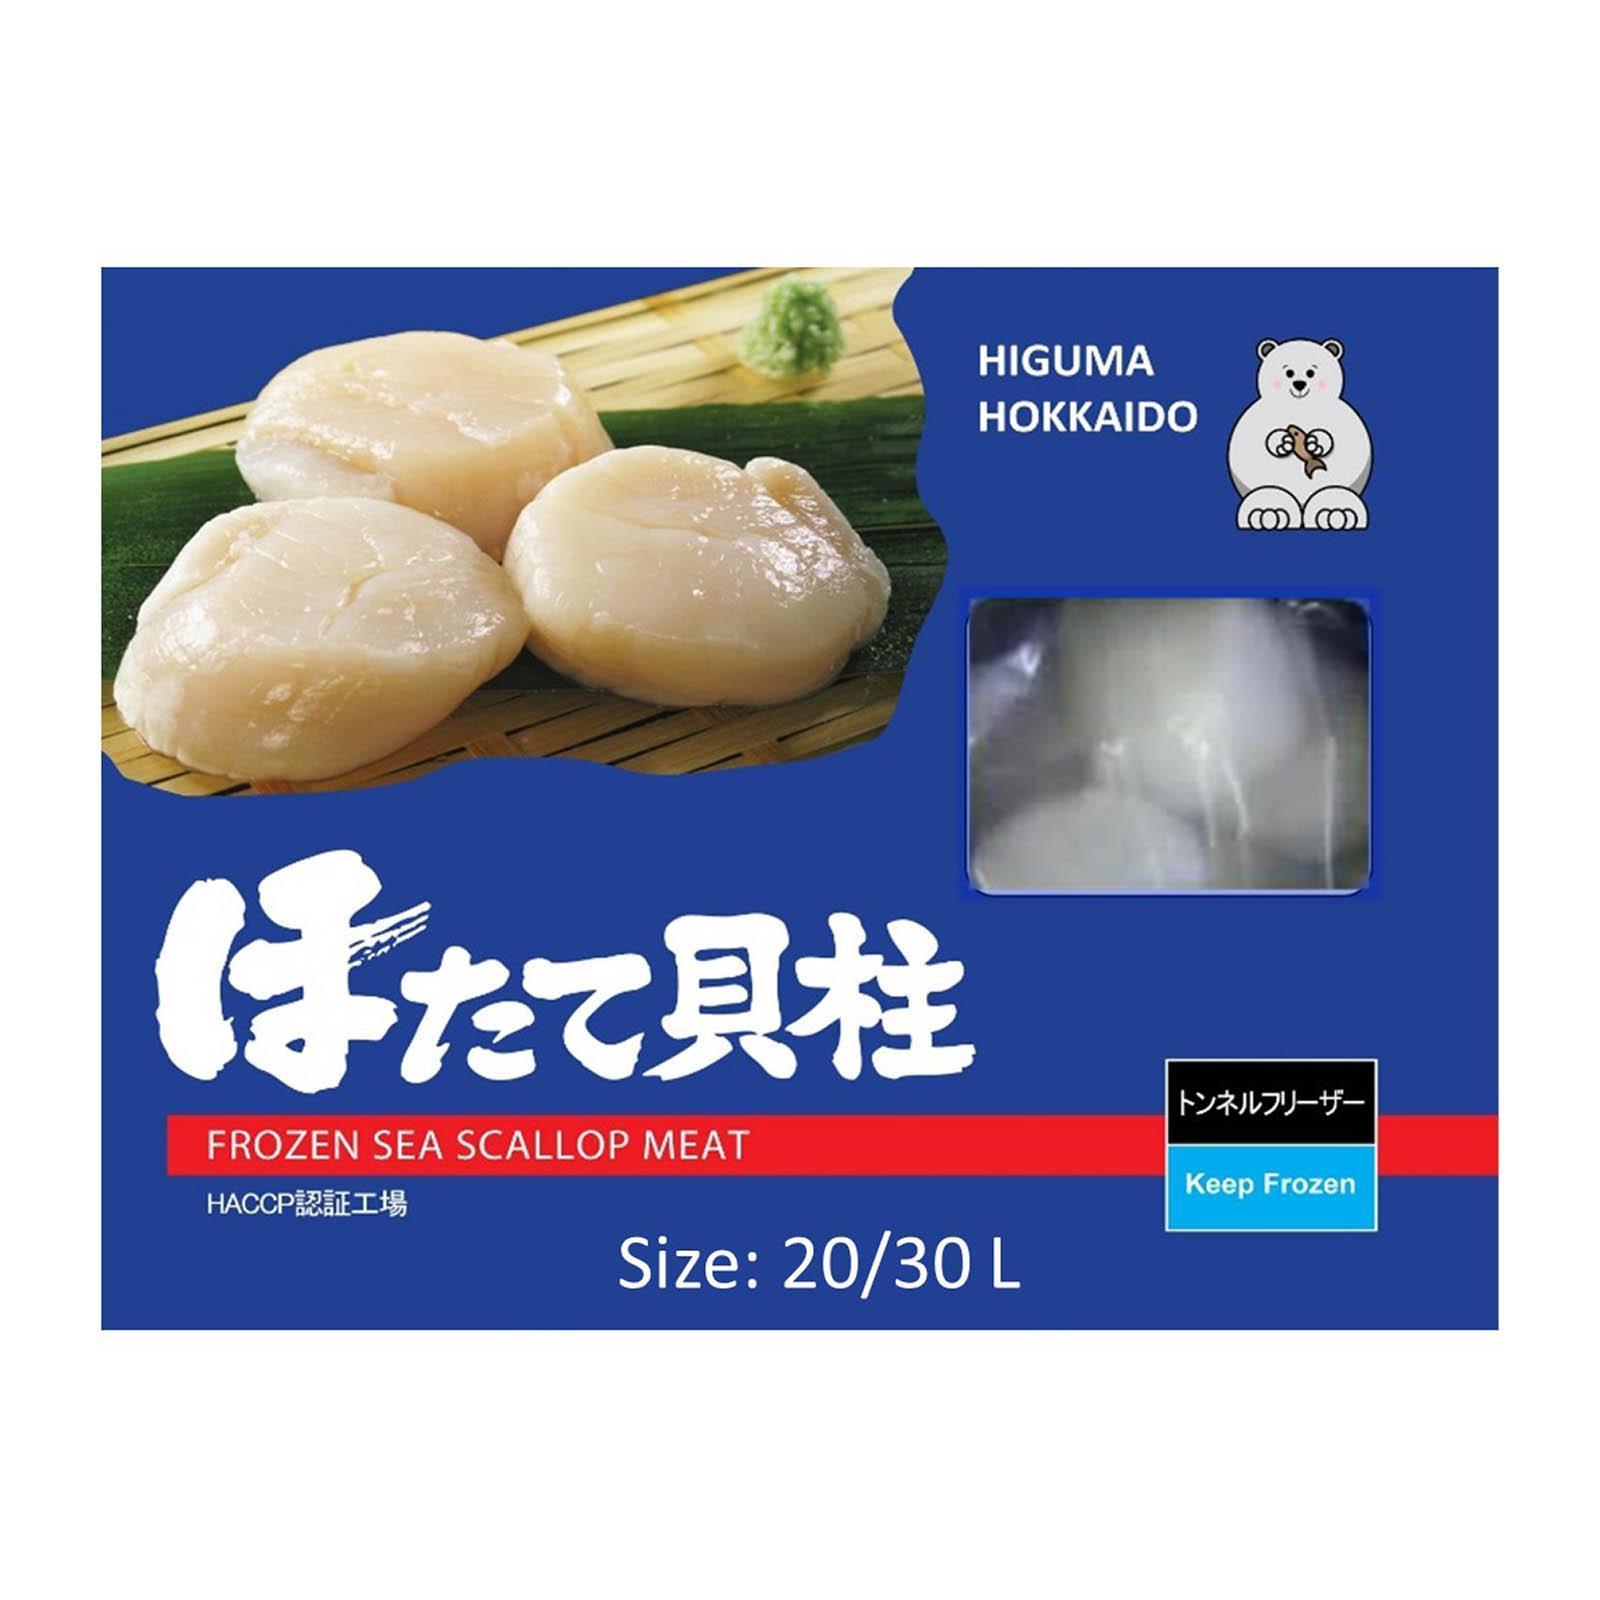 Ken Ken Hokkaido Scallop Meat (20/30) L - Frozen